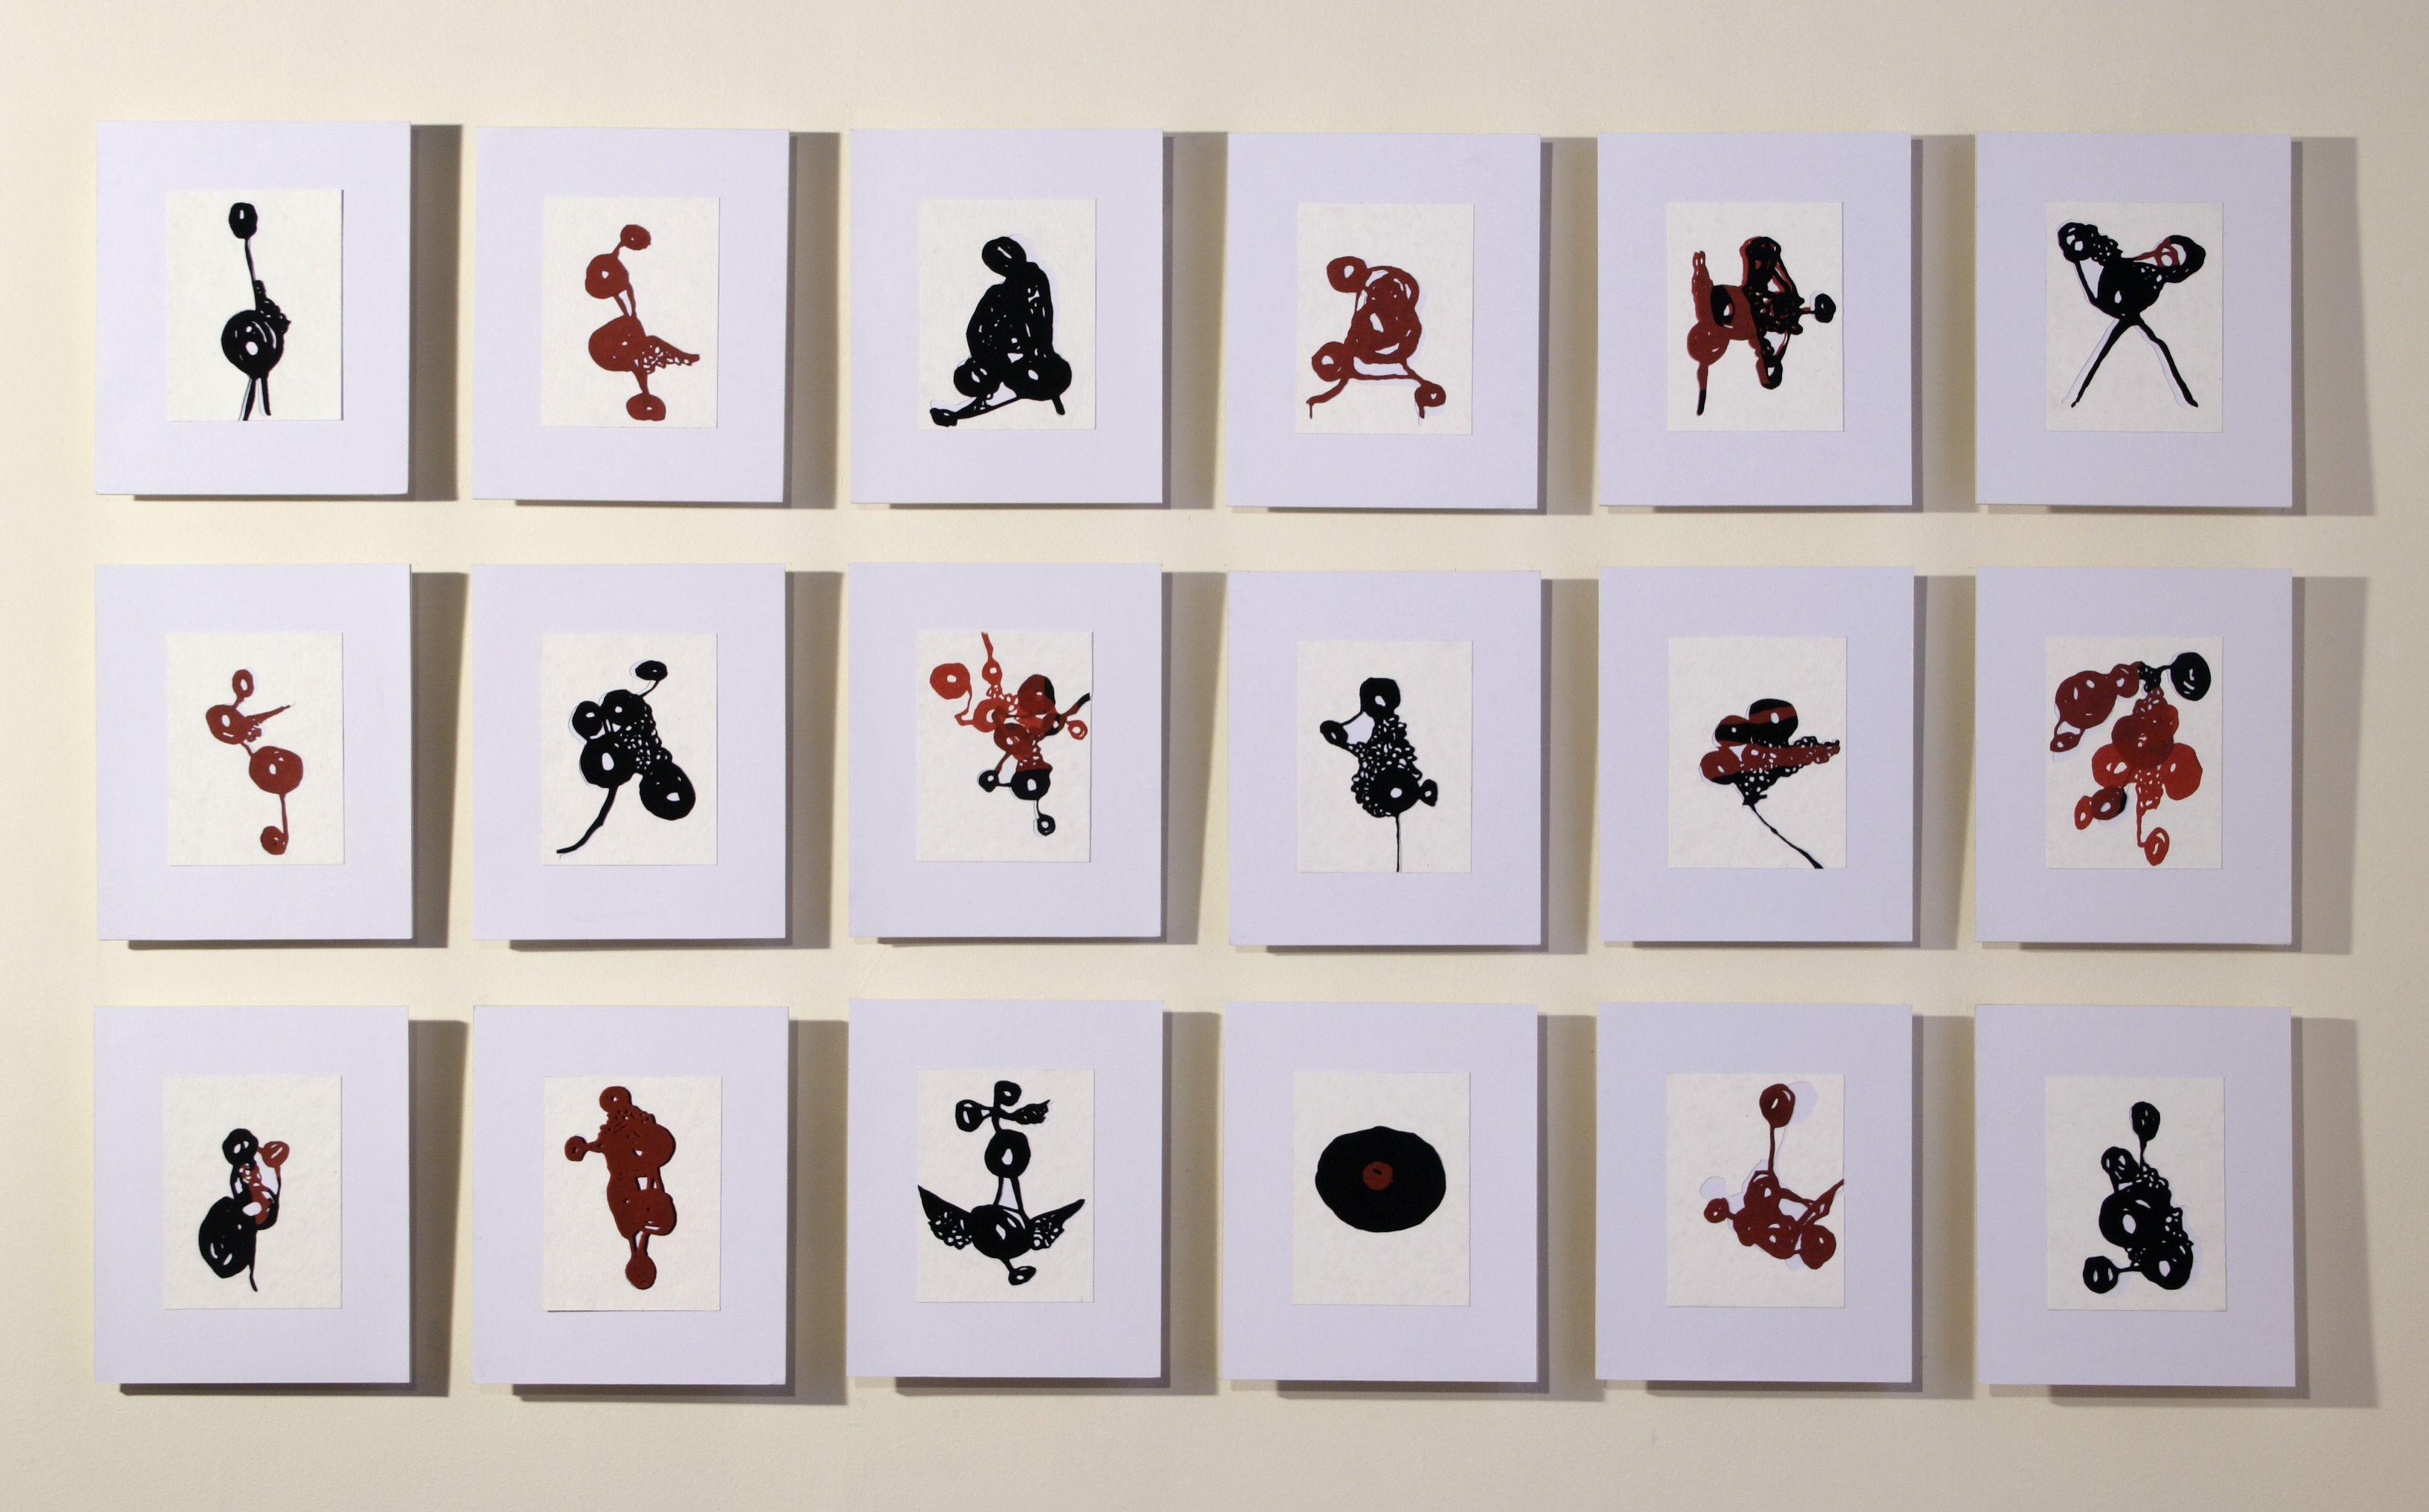 Олена Турянська. Some more than amore, 2007; папір, витинання, колаж, 100х180